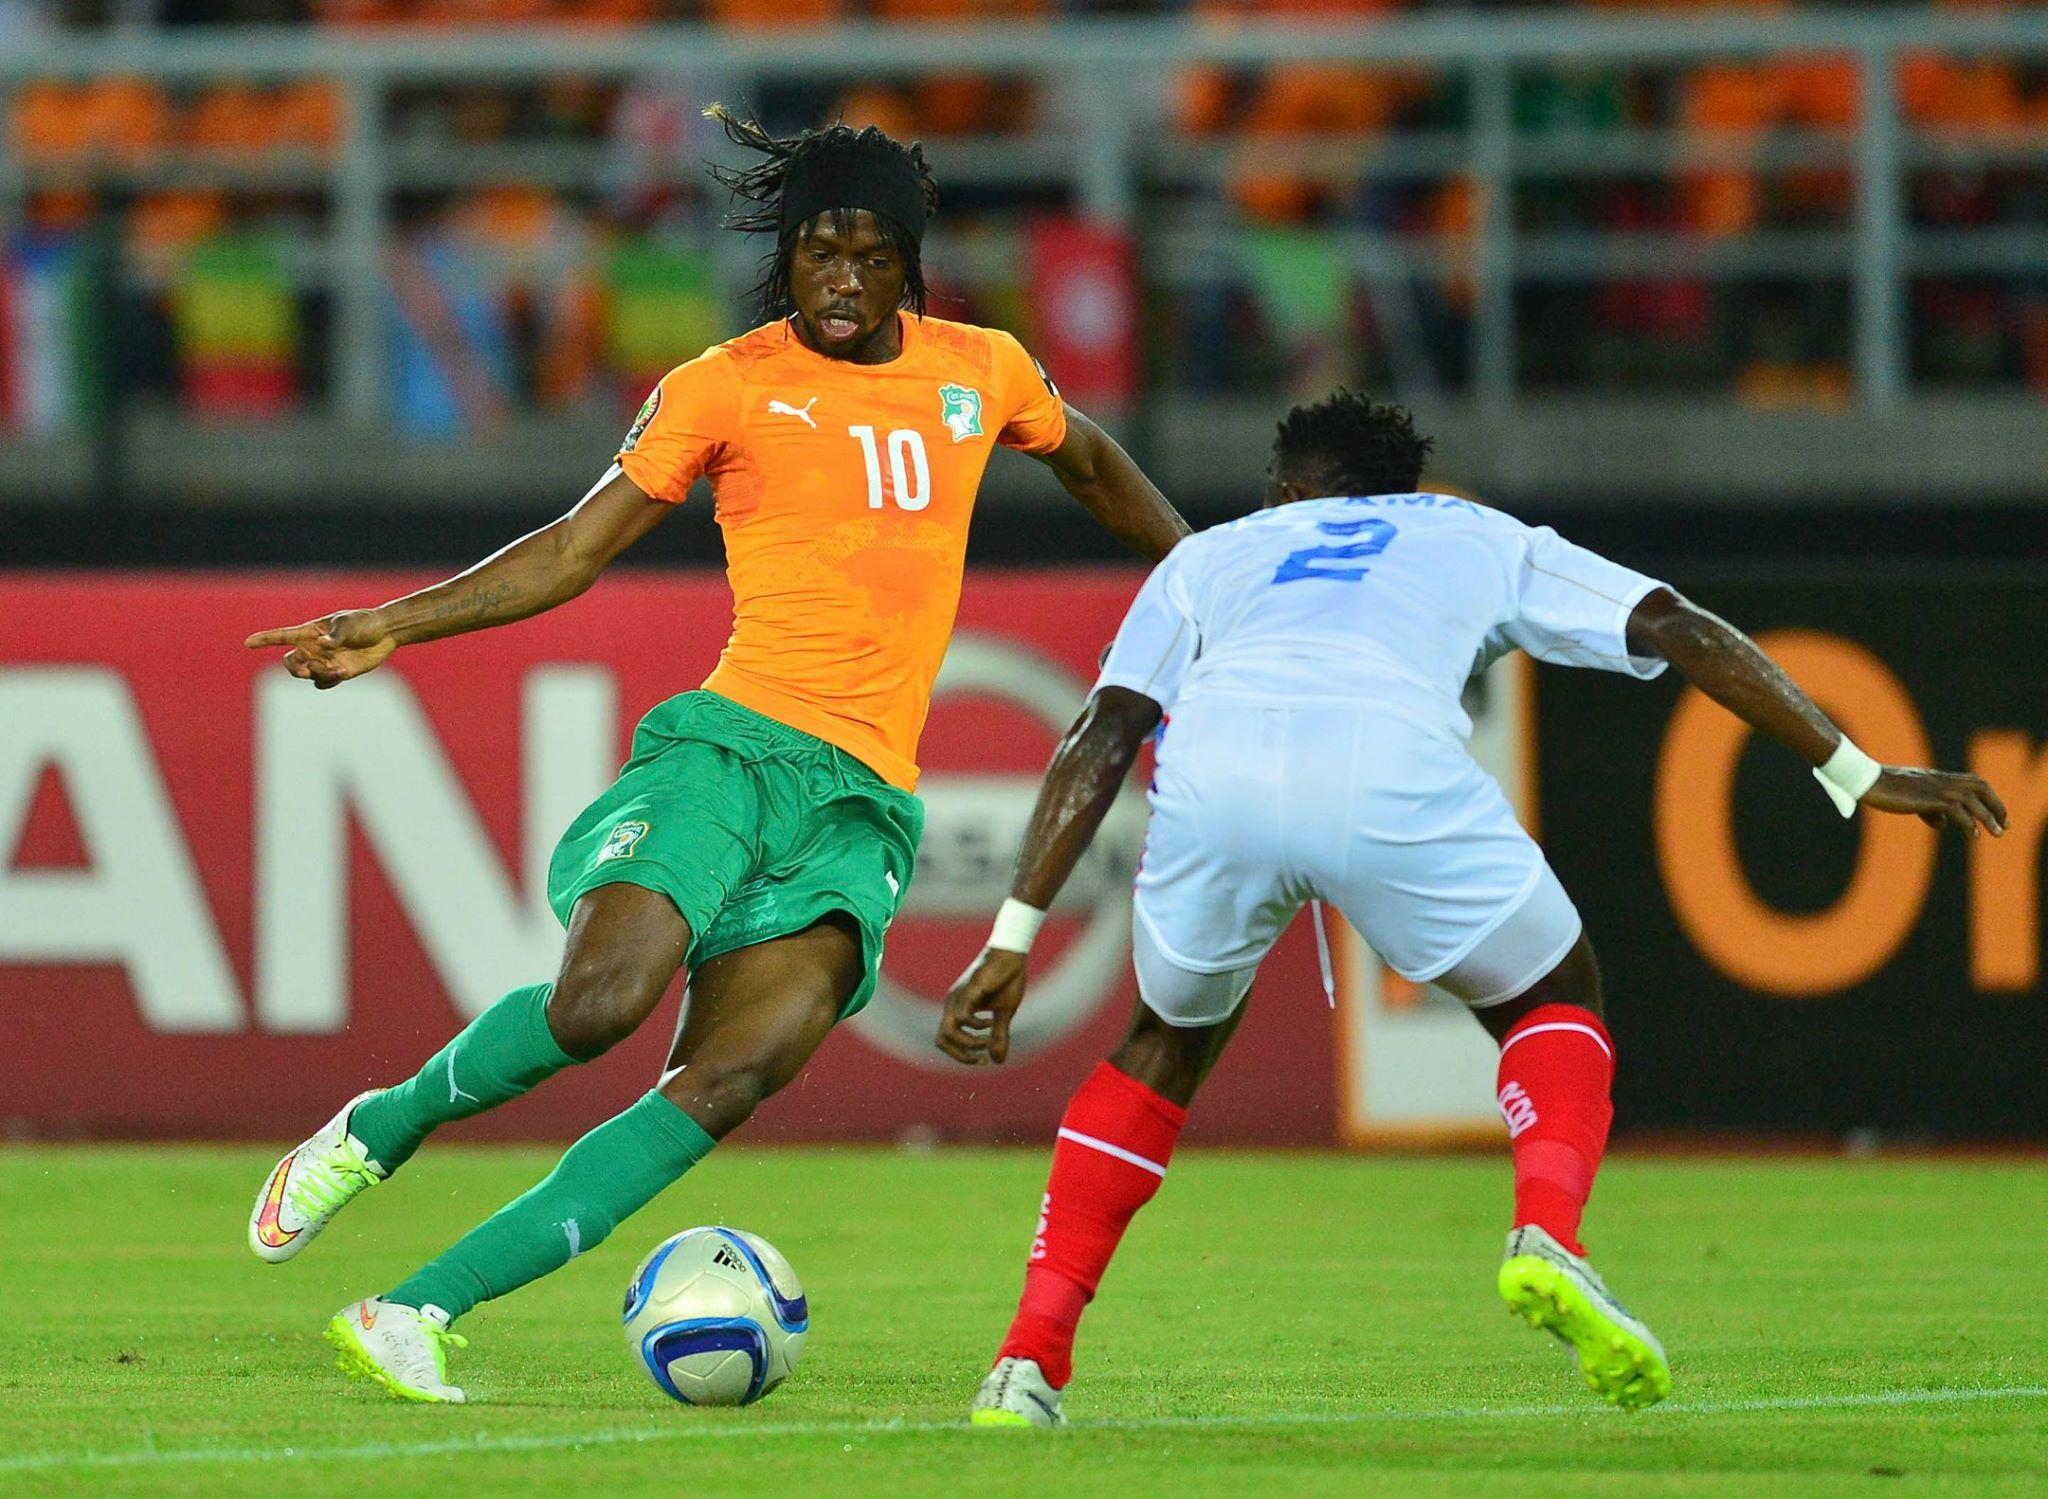 La Côte d'Ivoire est le premier qualifié pour la finale de la CAN 2015. Les Eléphants ont battu la République démocratique du Congo (3-1) mercredi soir à l'Estadio de Bata.